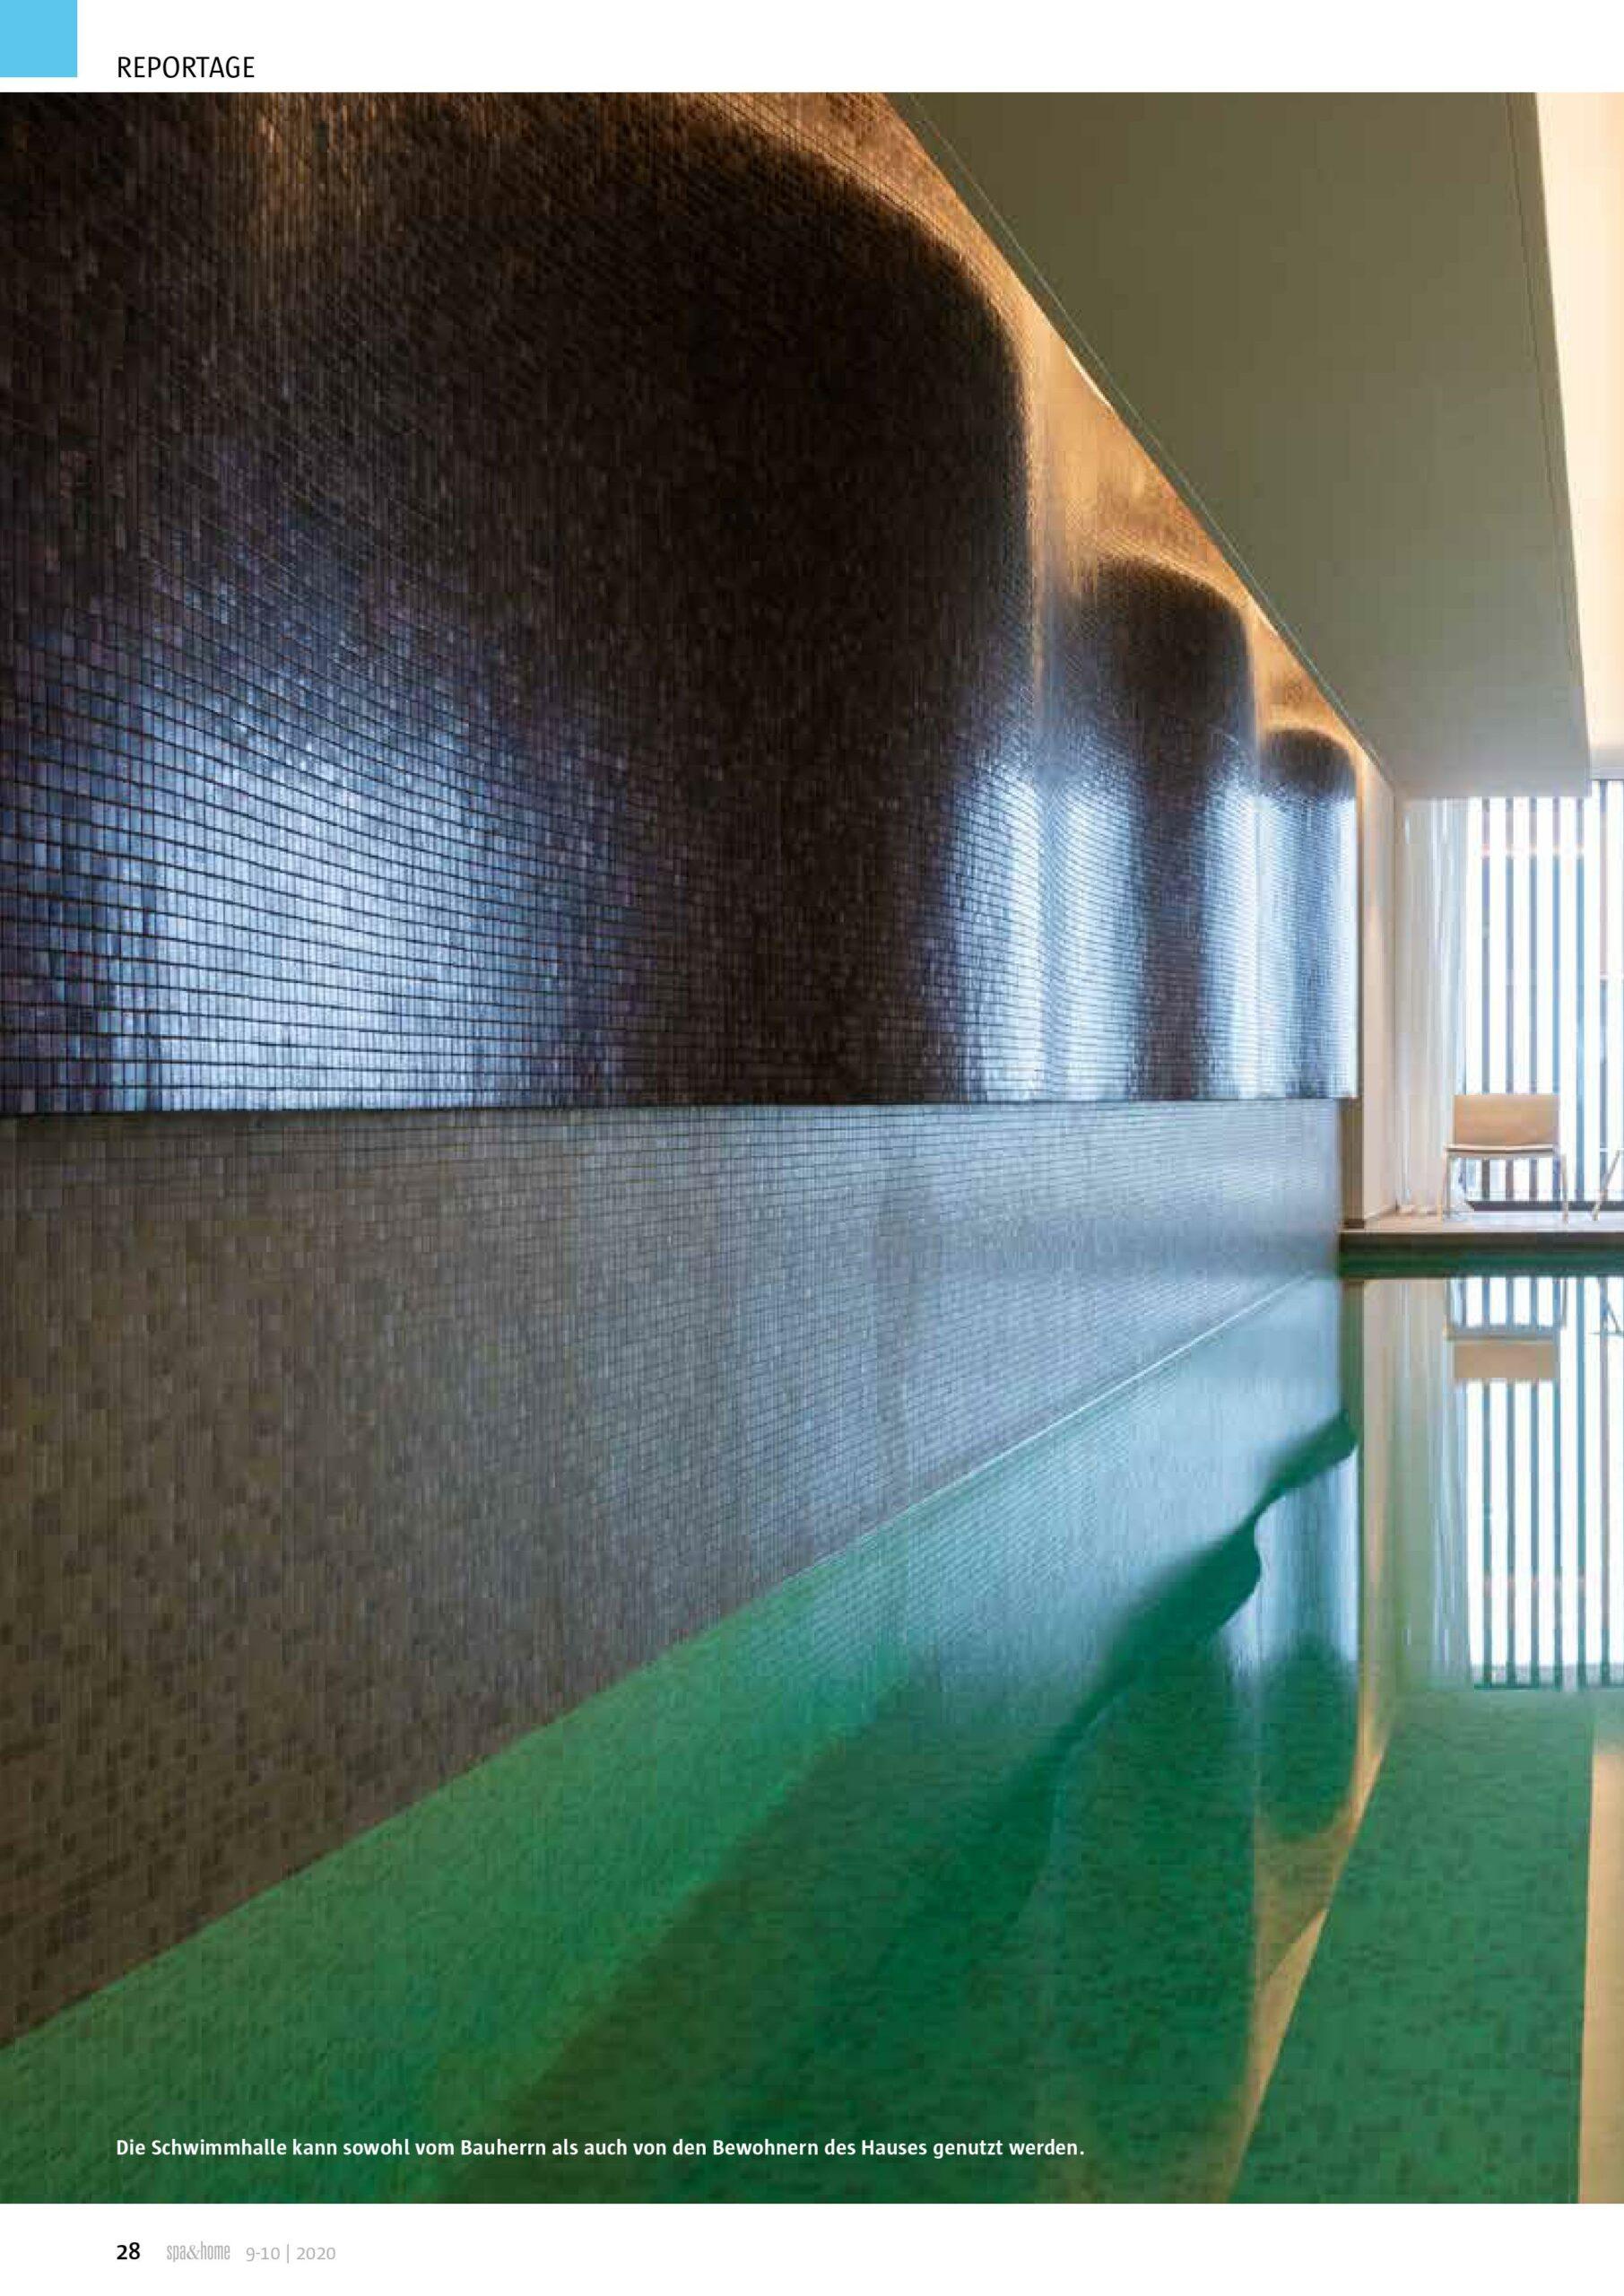 Afbeelding nieuwsitem Reportage Spa & Home – binnen zwembad